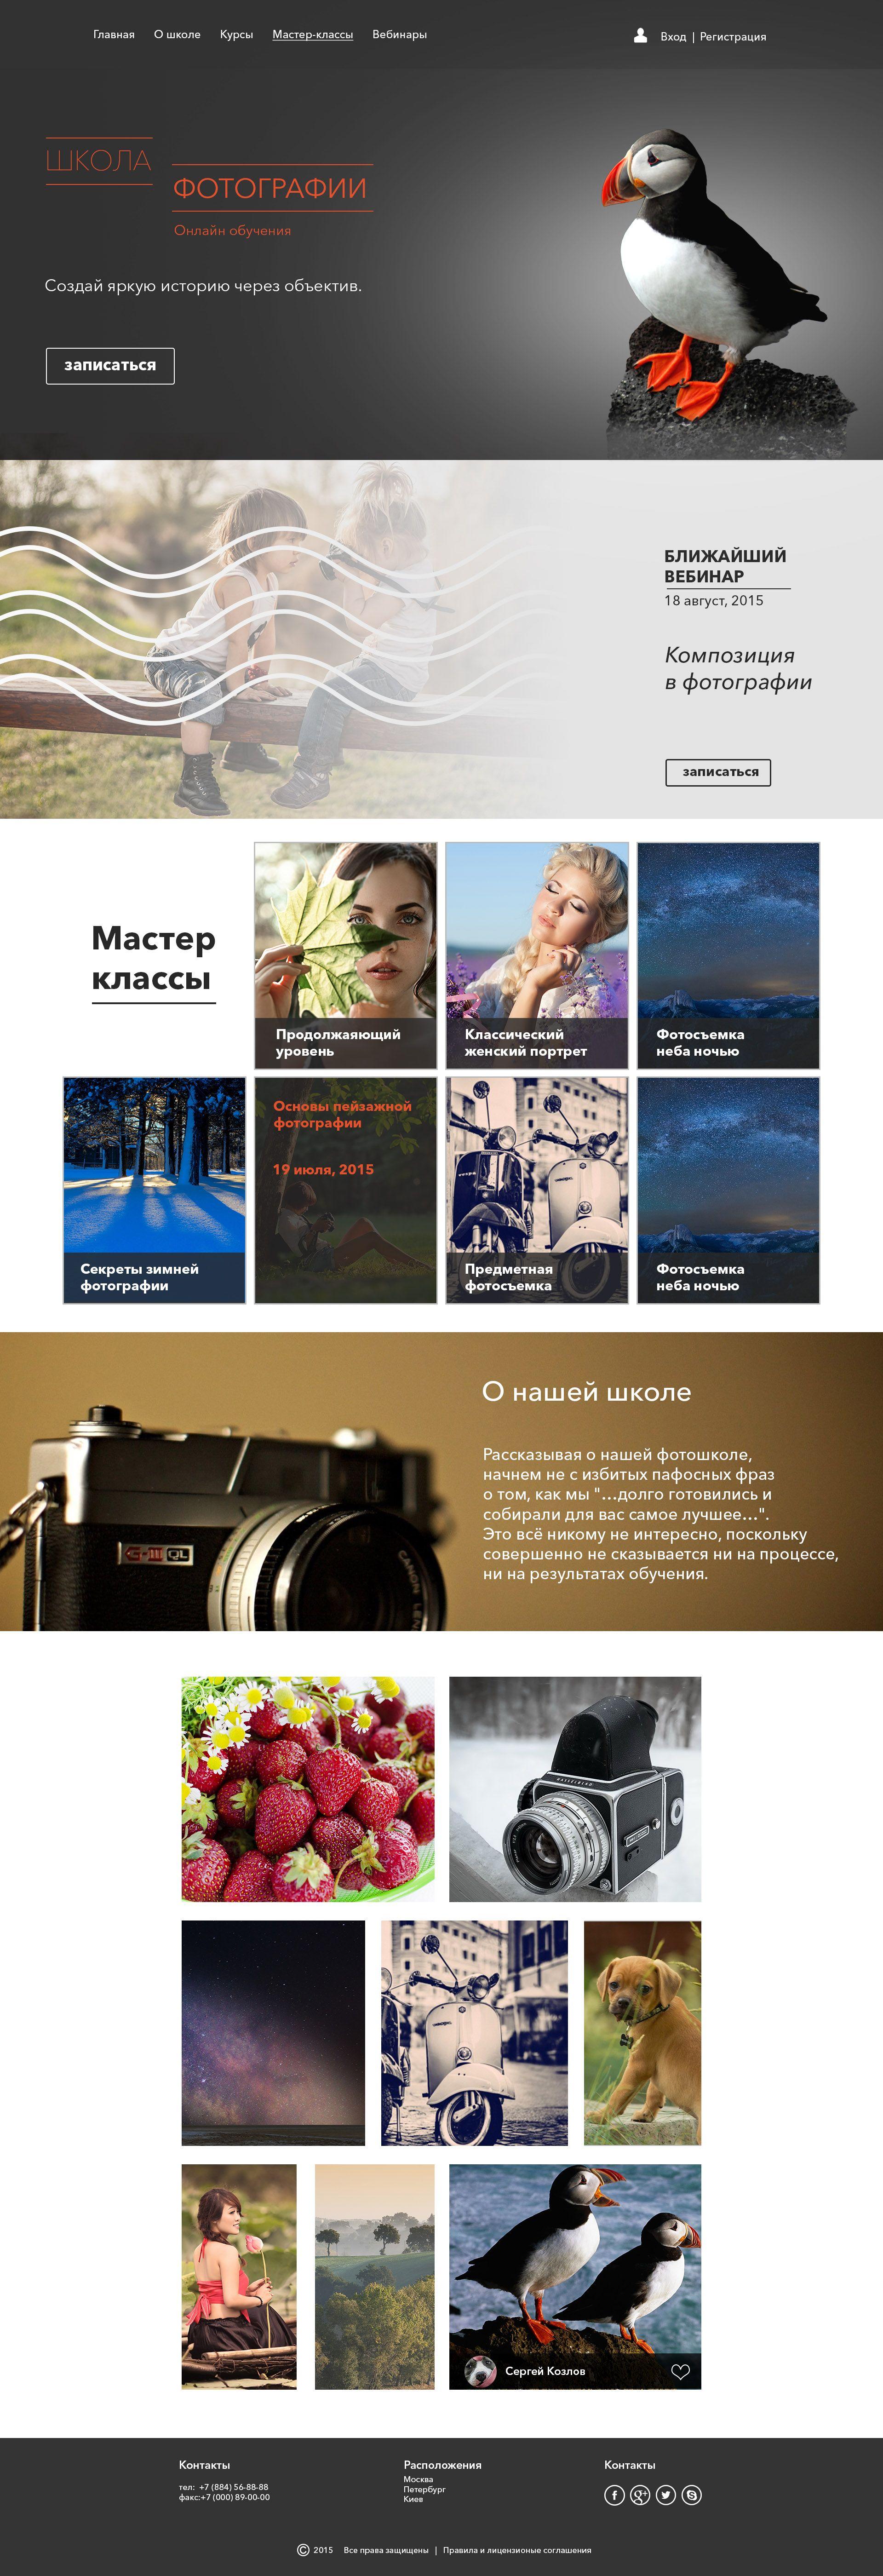 Онлайн обучение фотографии. Главная. - дизайнер Smile